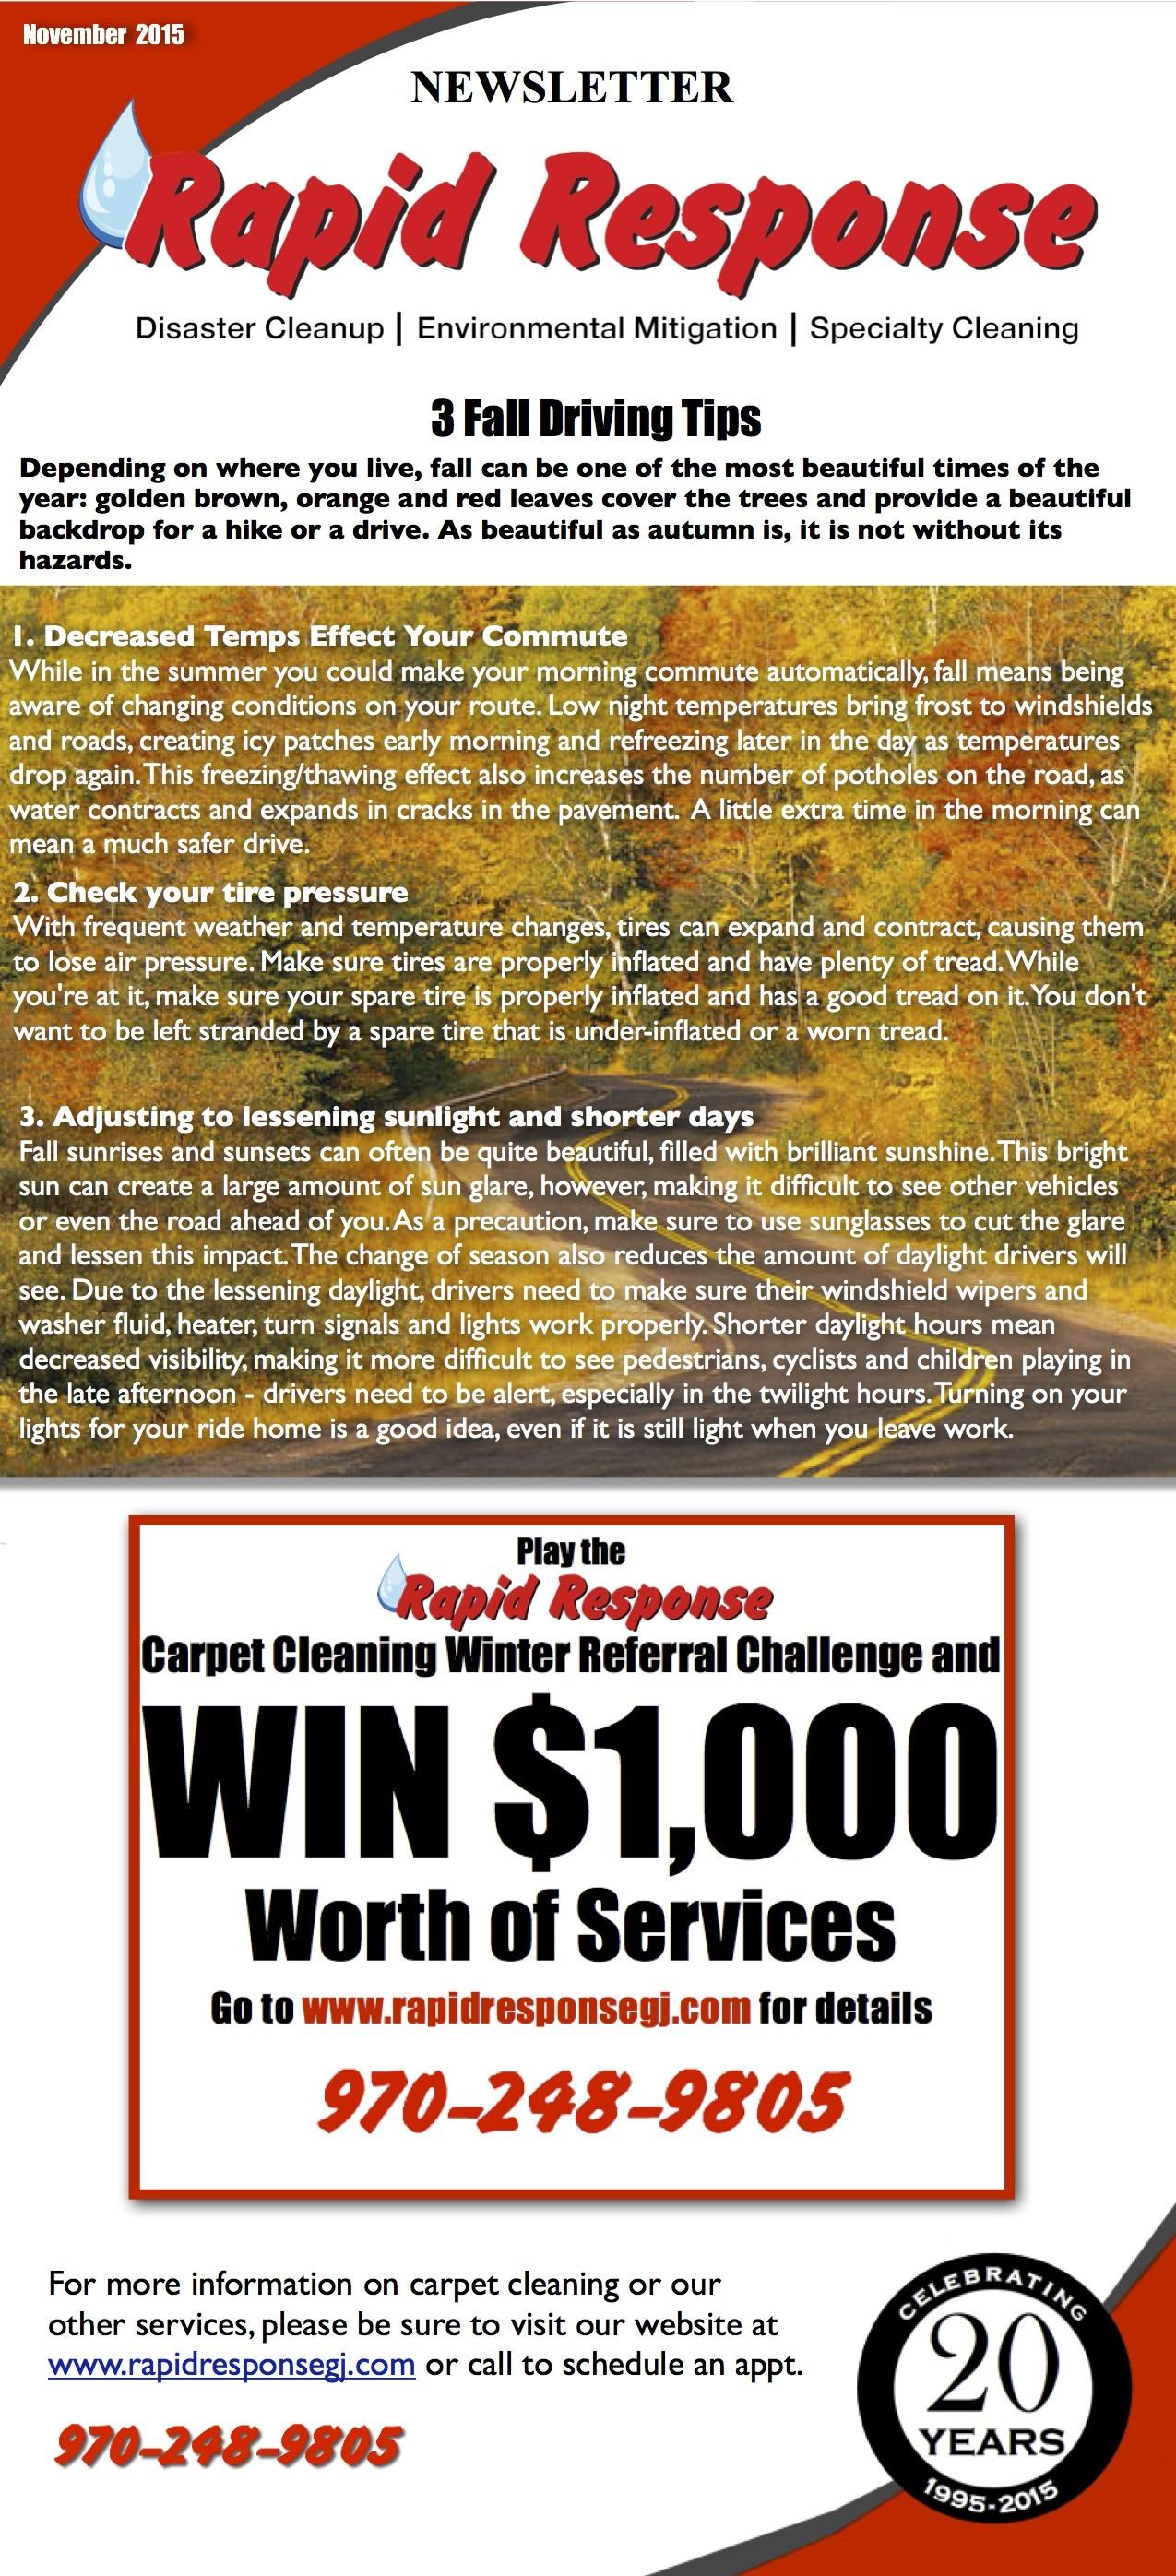 November Newsletter: Fall Driving Tips